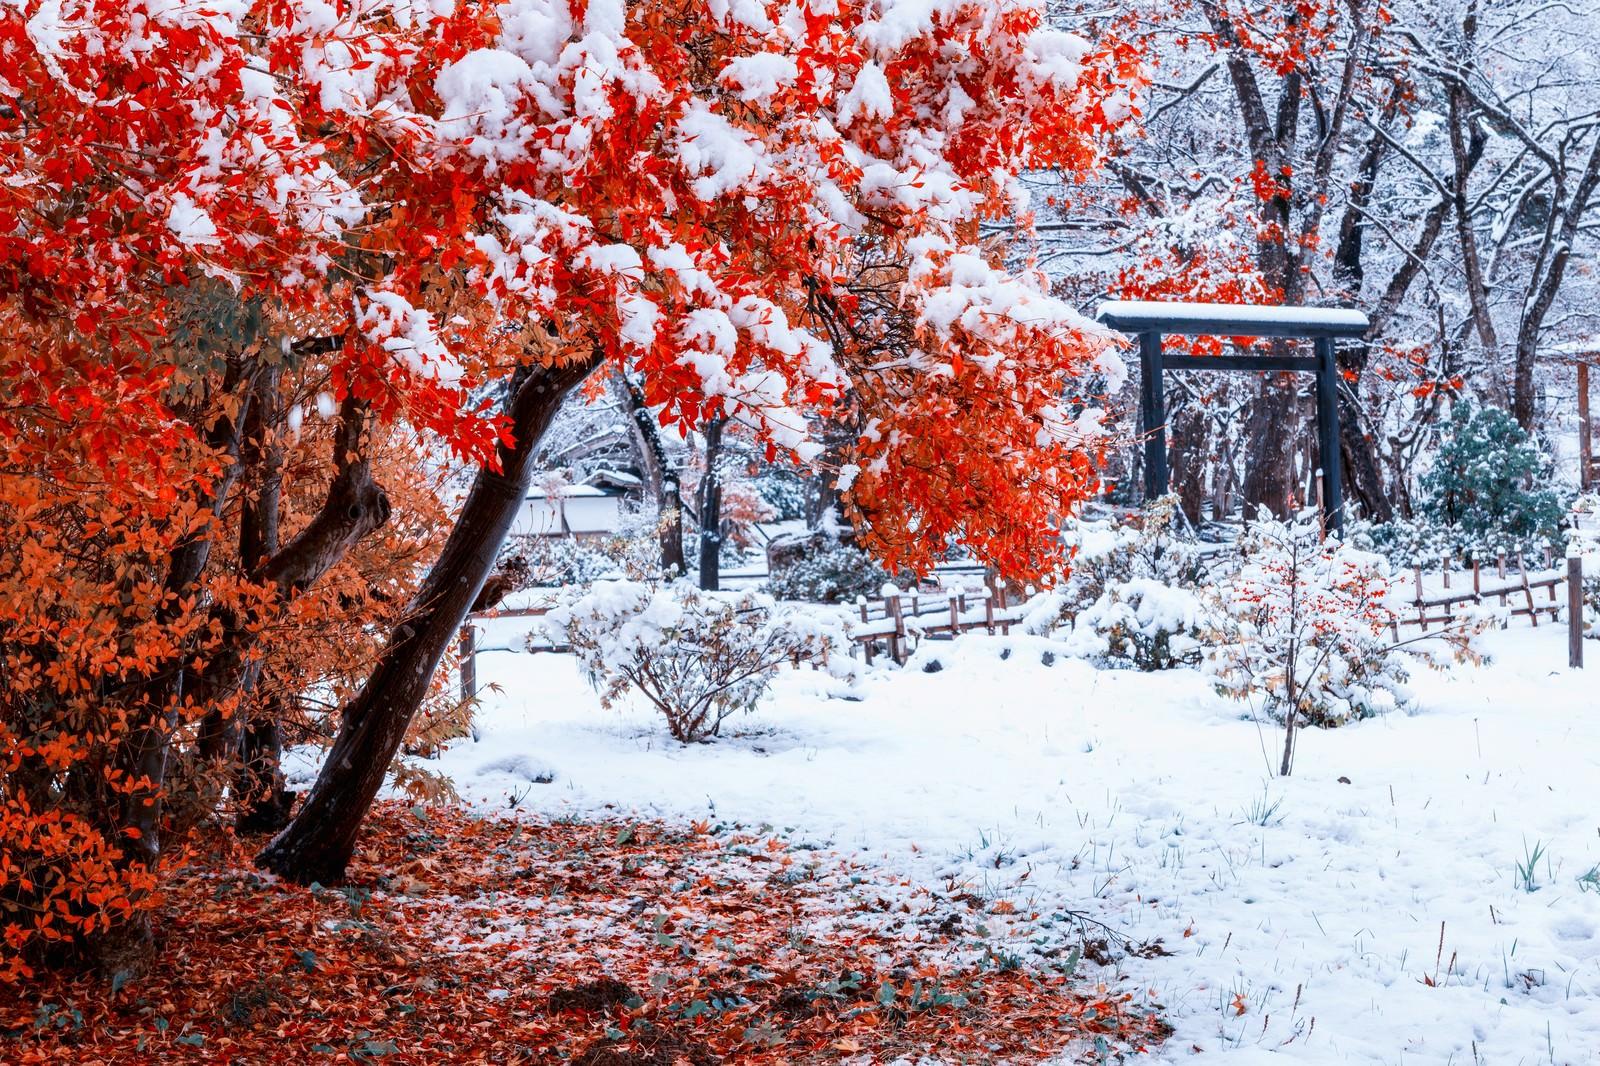 「赤い紅葉に積もる雪赤い紅葉に積もる雪」のフリー写真素材を拡大